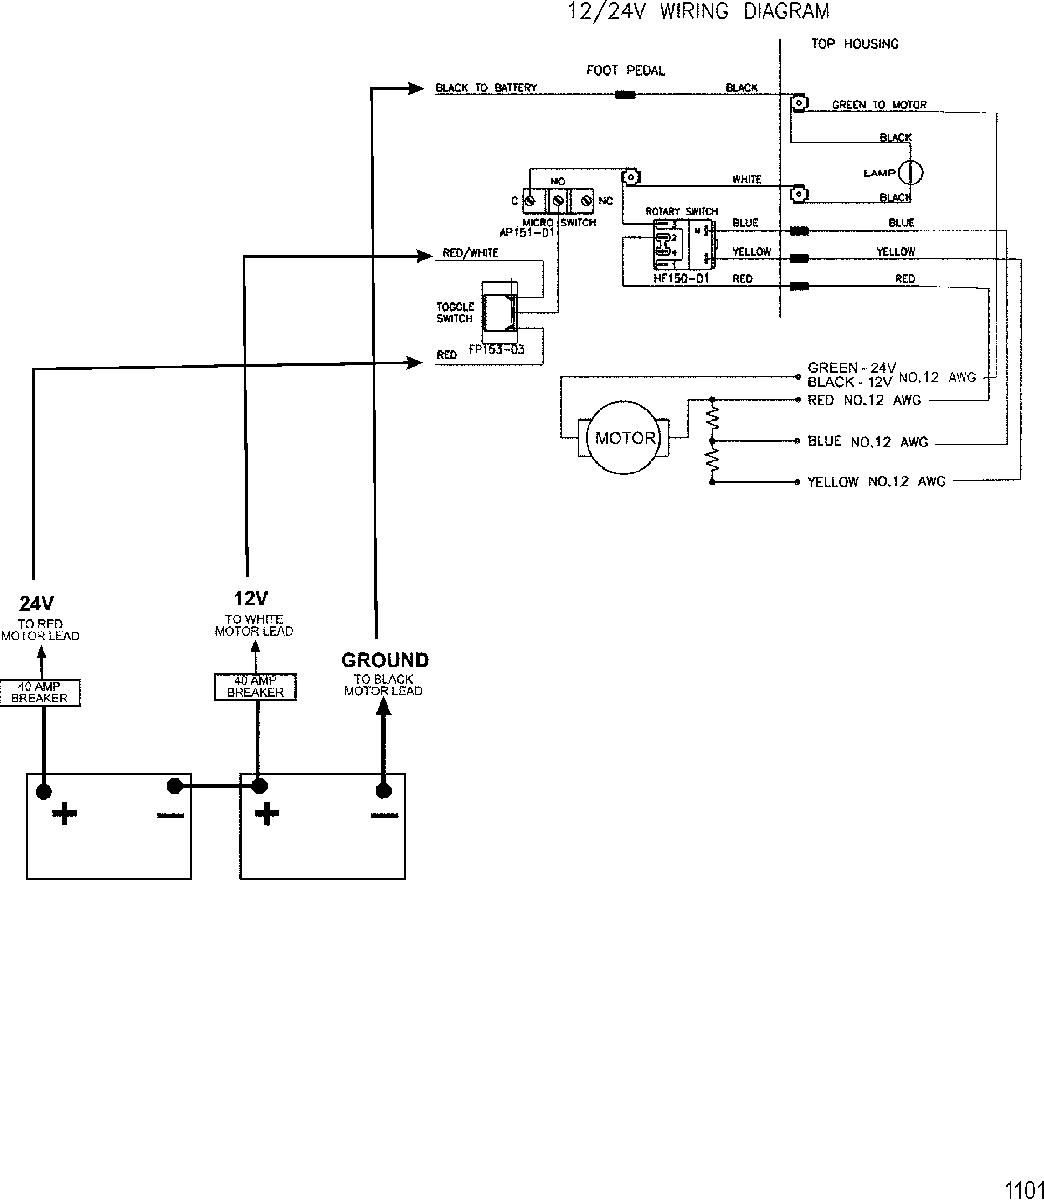 4 Wire Minn Kota Wiring Diagram - Wiring Diagram Online - 24 Volt Wiring Diagram